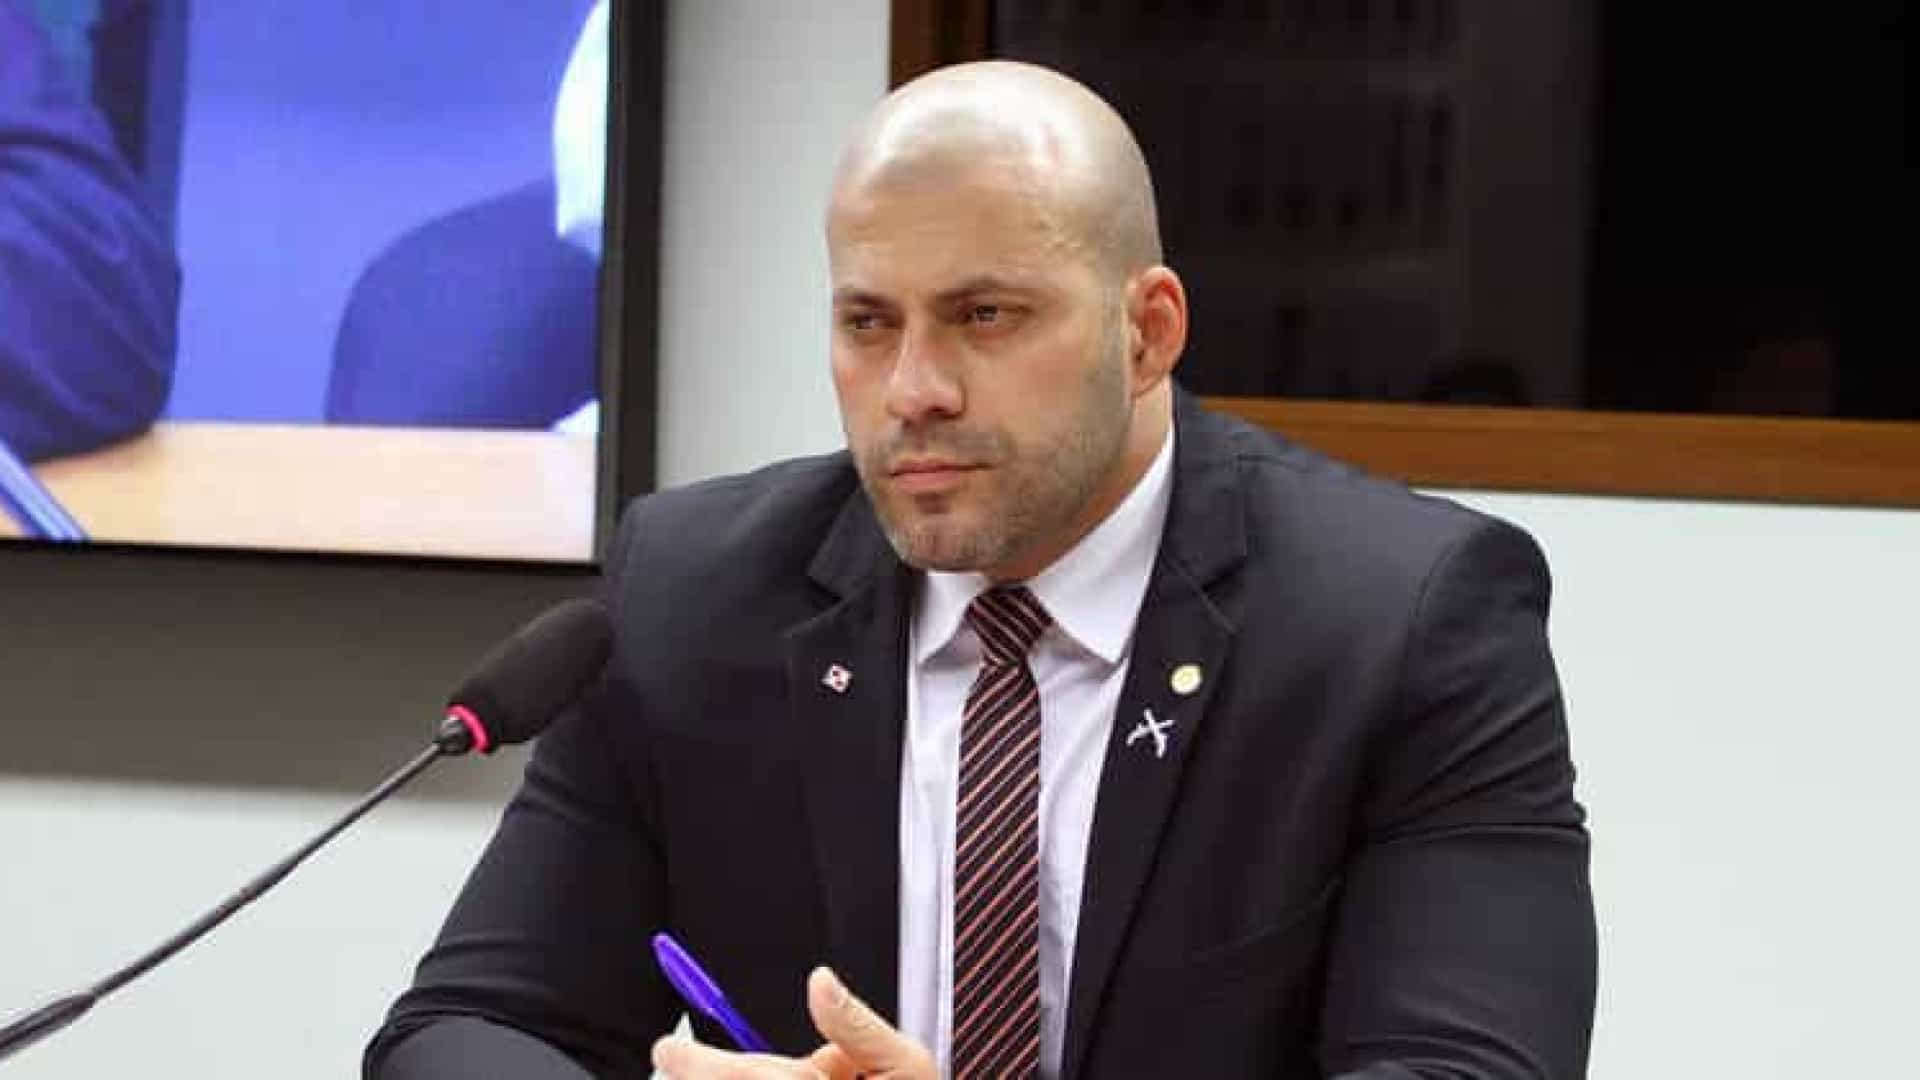 STF manda prender deputado Daniel Silveira após ataques a ministros da corte